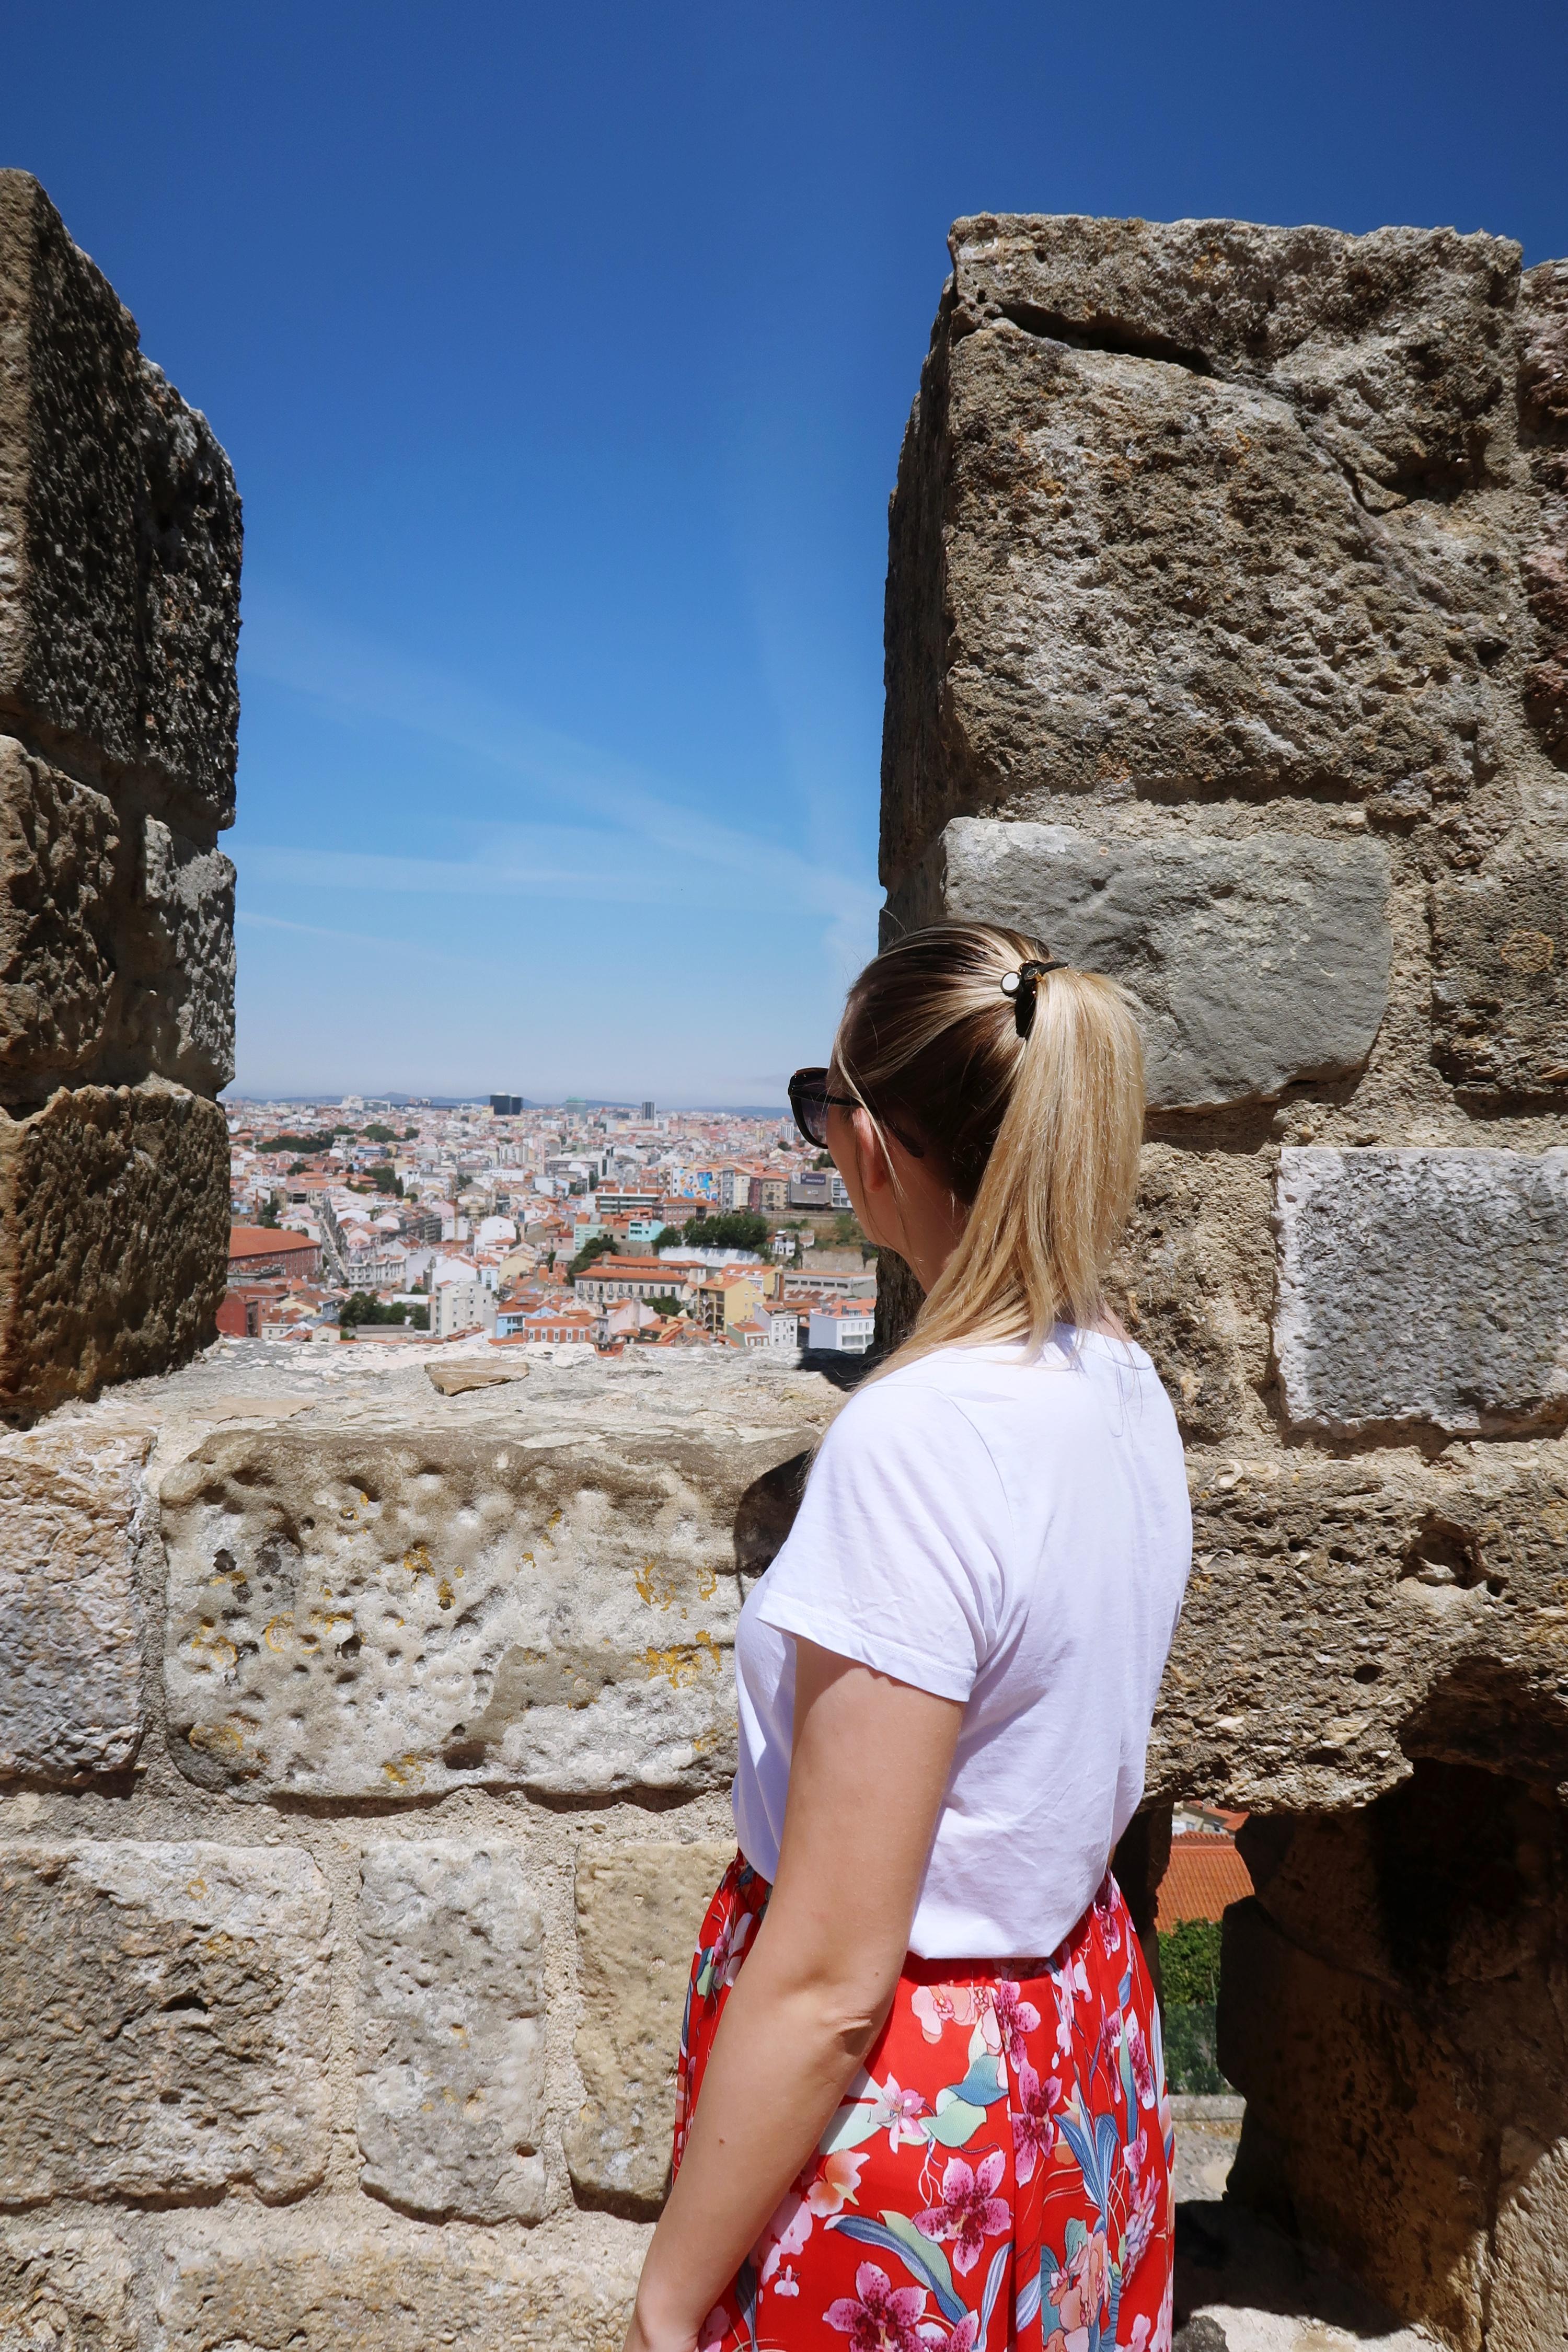 Castlelo de S.Jorge Lisbon - Things To Do In Lisbon - Travel Blog